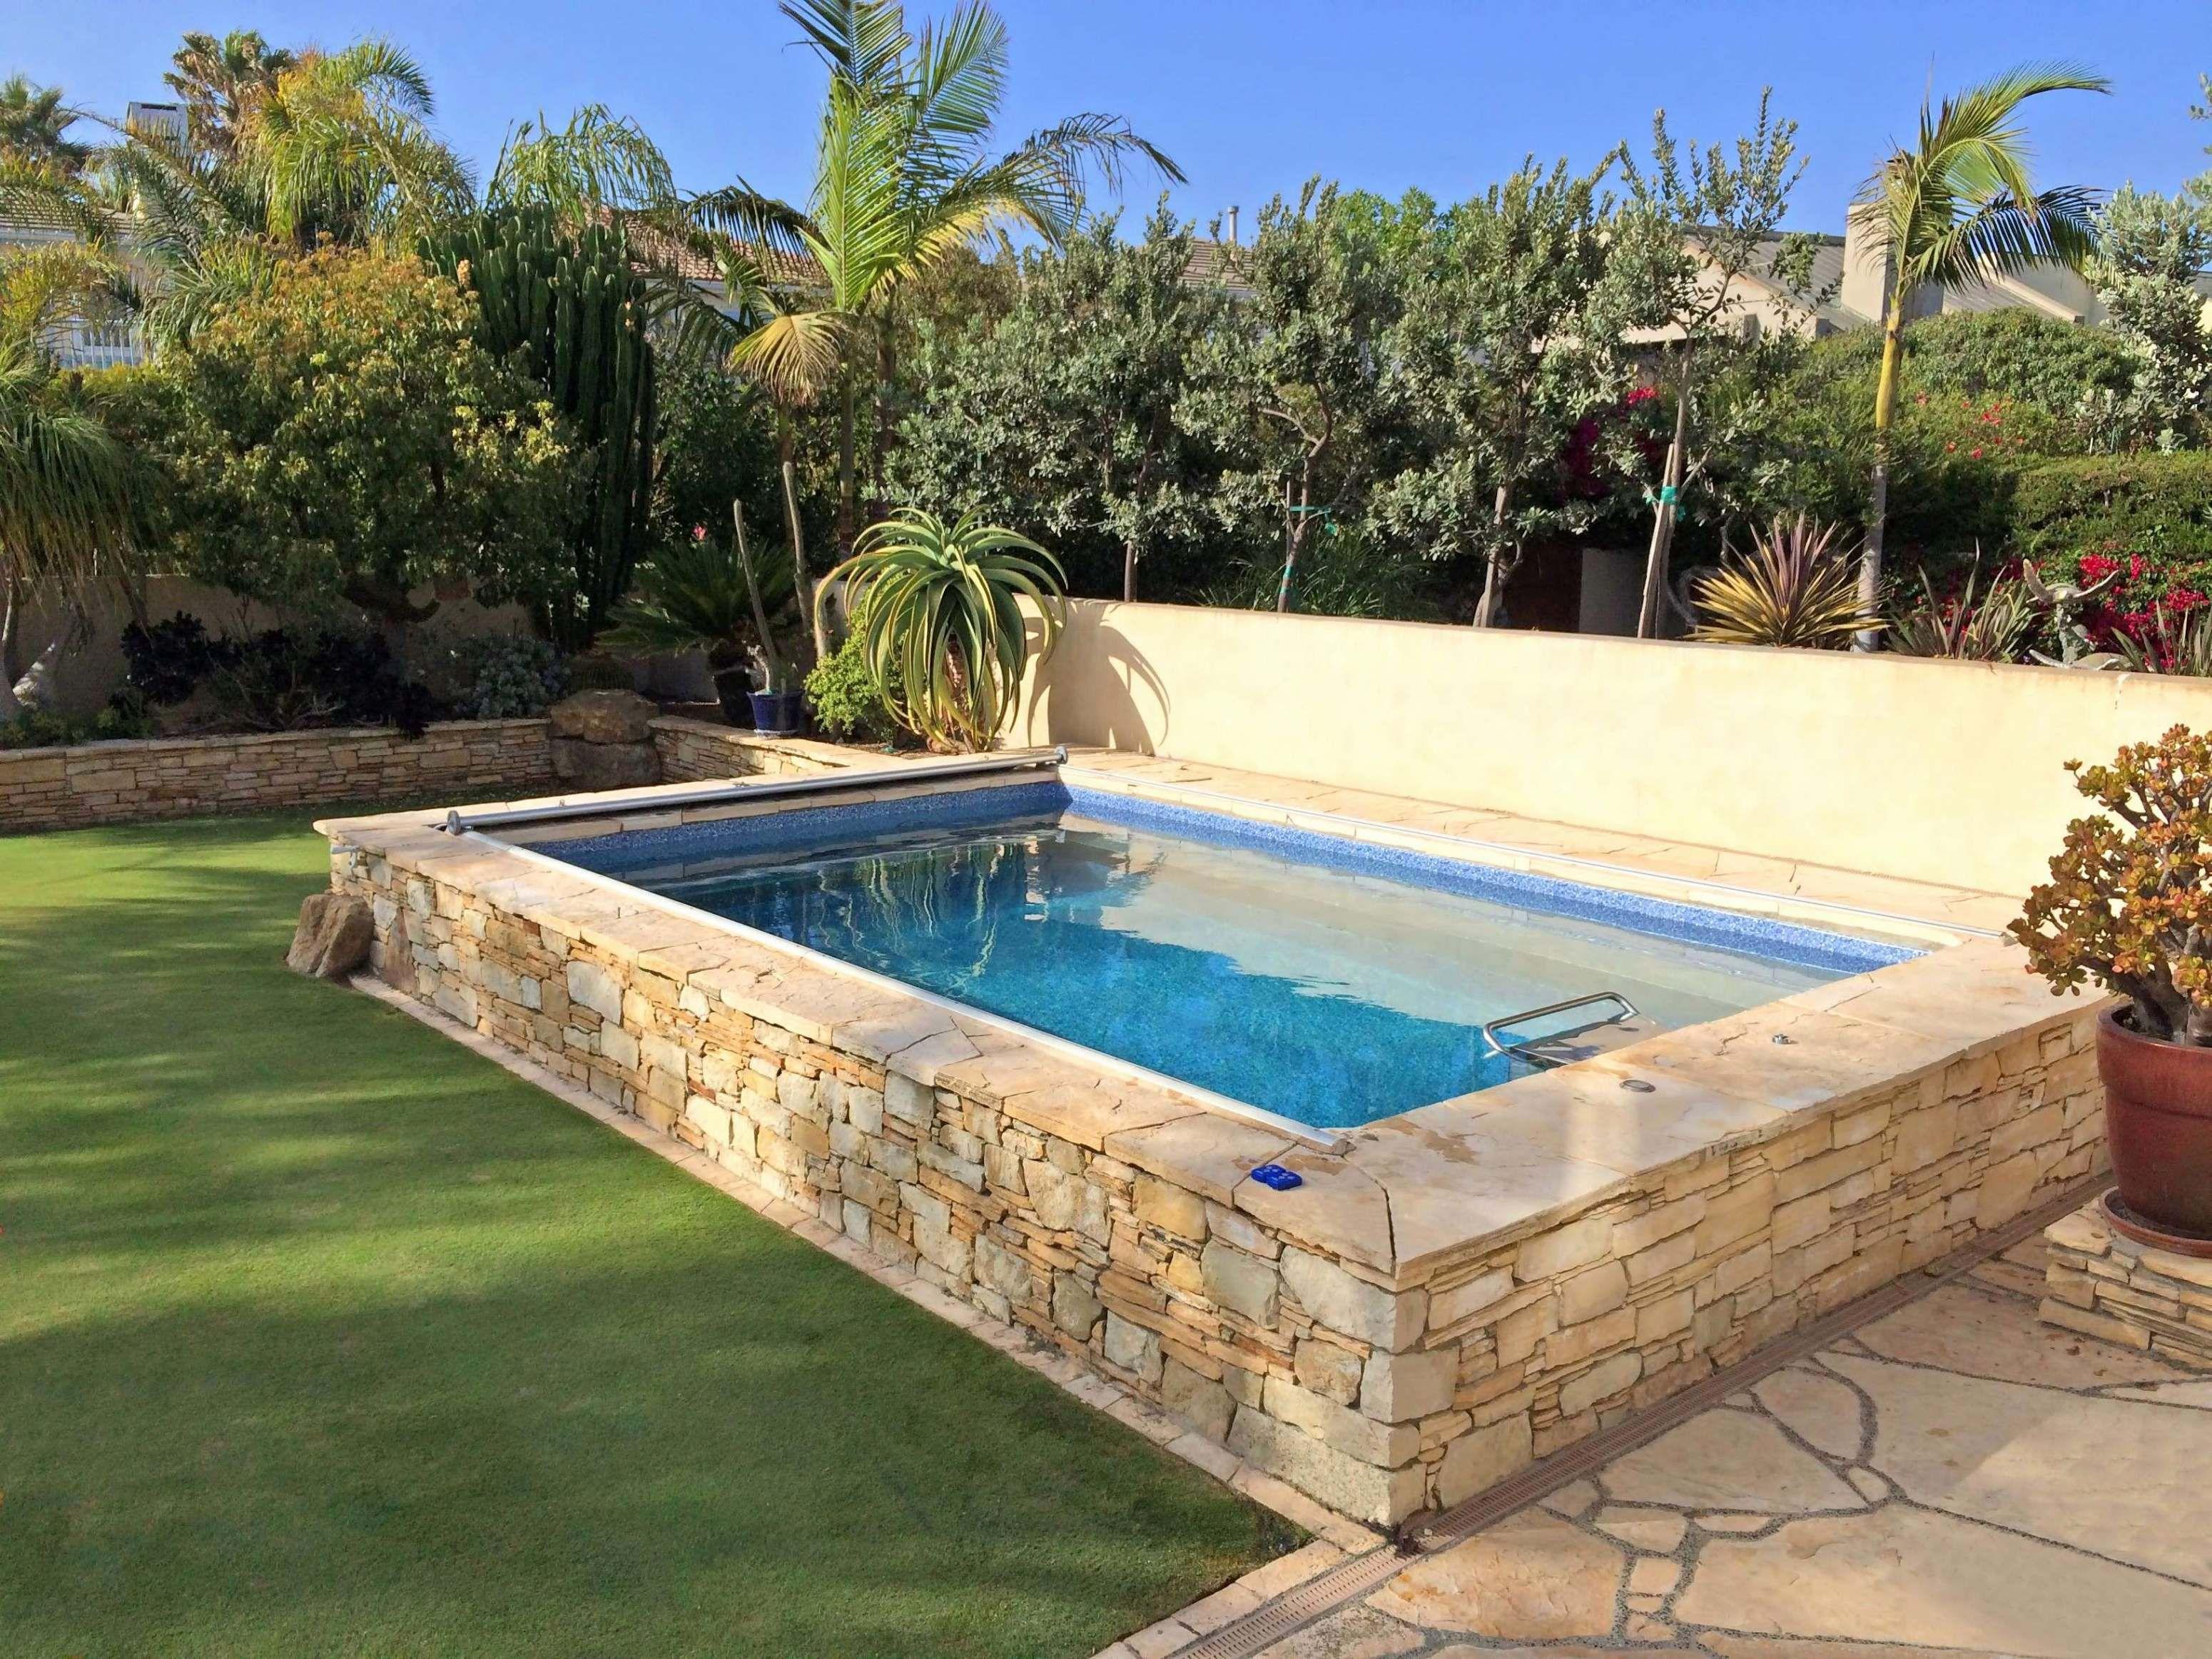 Sichtschutz Garten Holz Pool Diy Schwimmbad Hinterhof Pool